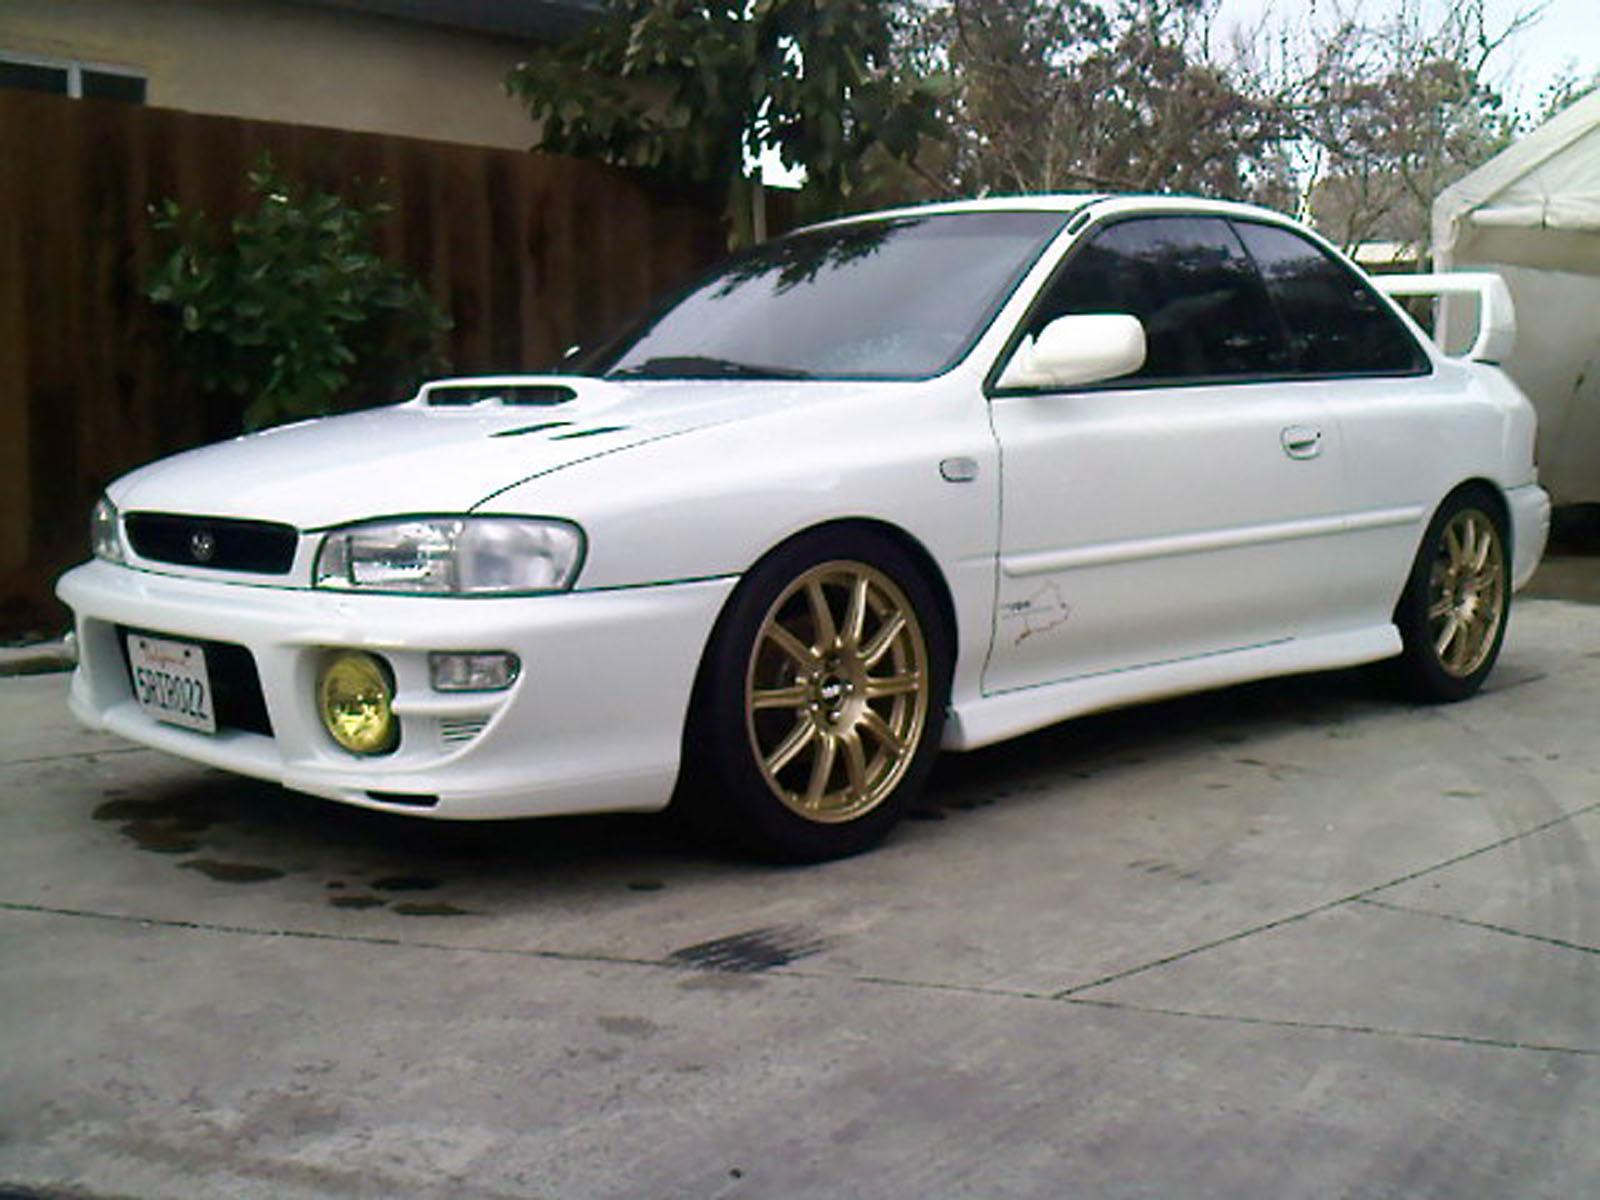 Subaru Wrx Sti >> 2000 SUBARU IMPREZA - Image #9